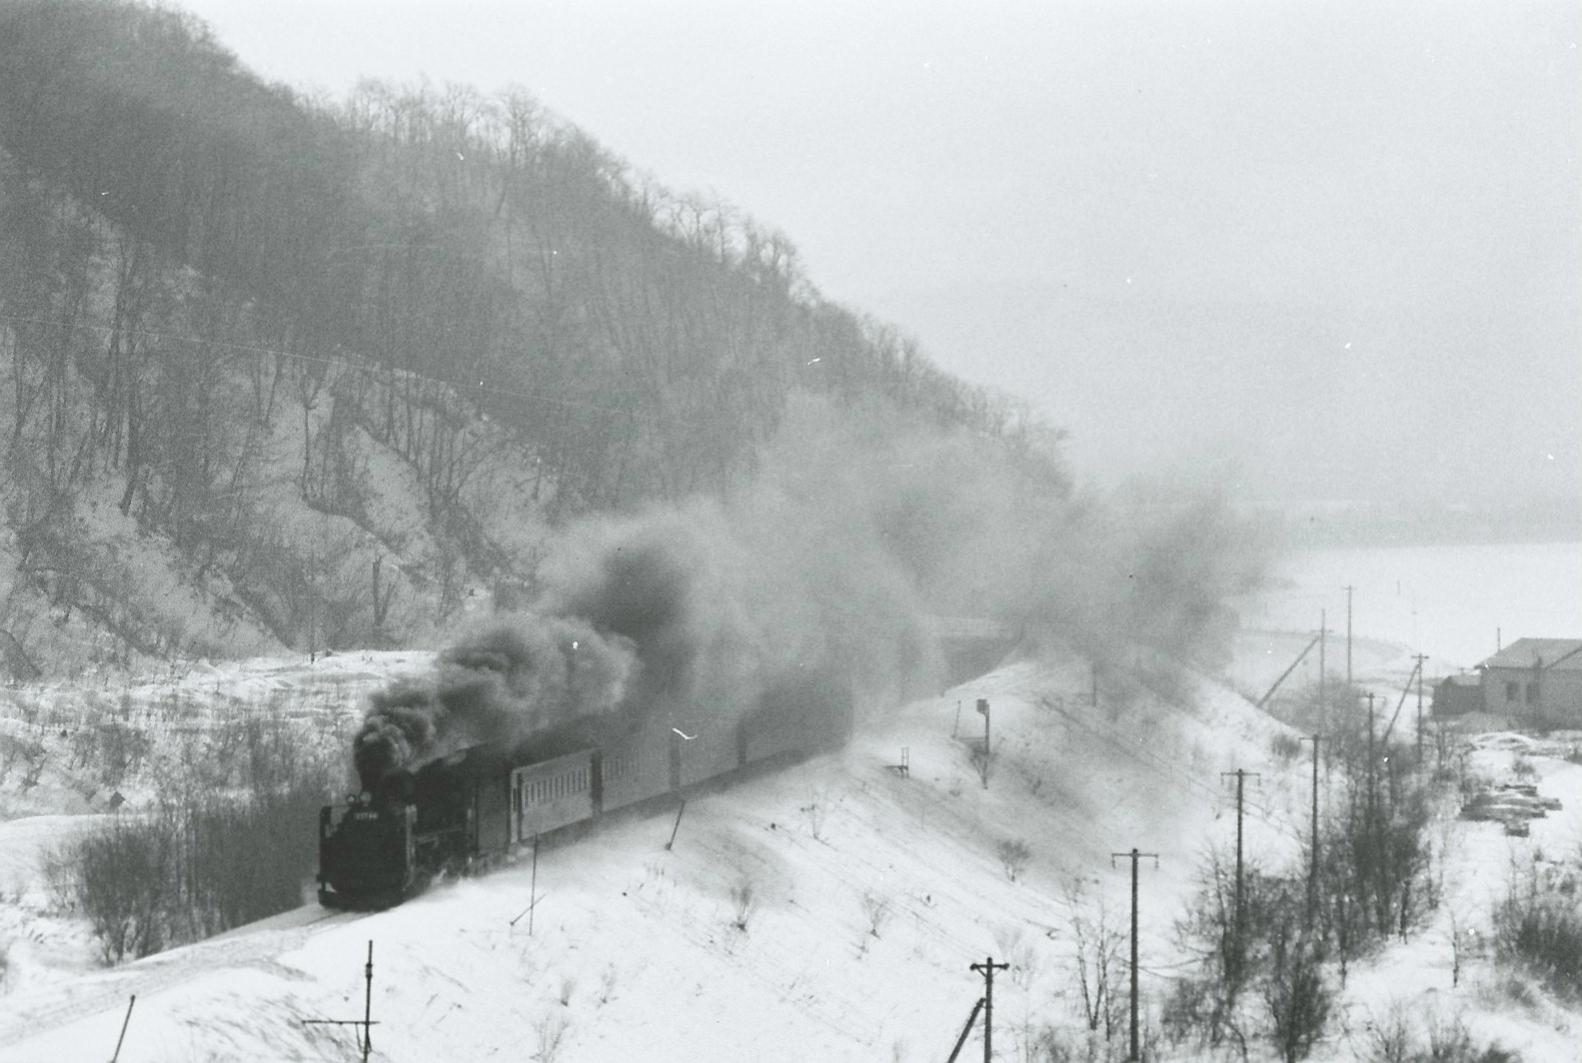 室蘭本線の栗丘駅付近を走るSL旅客列車。そのスタイルの美しさから、「貴婦人」とも呼ばれたC57形がけん引しています。駅を出発した直後なのでしょうか、黒煙を力強く吐き出しています。1974年の撮影です。